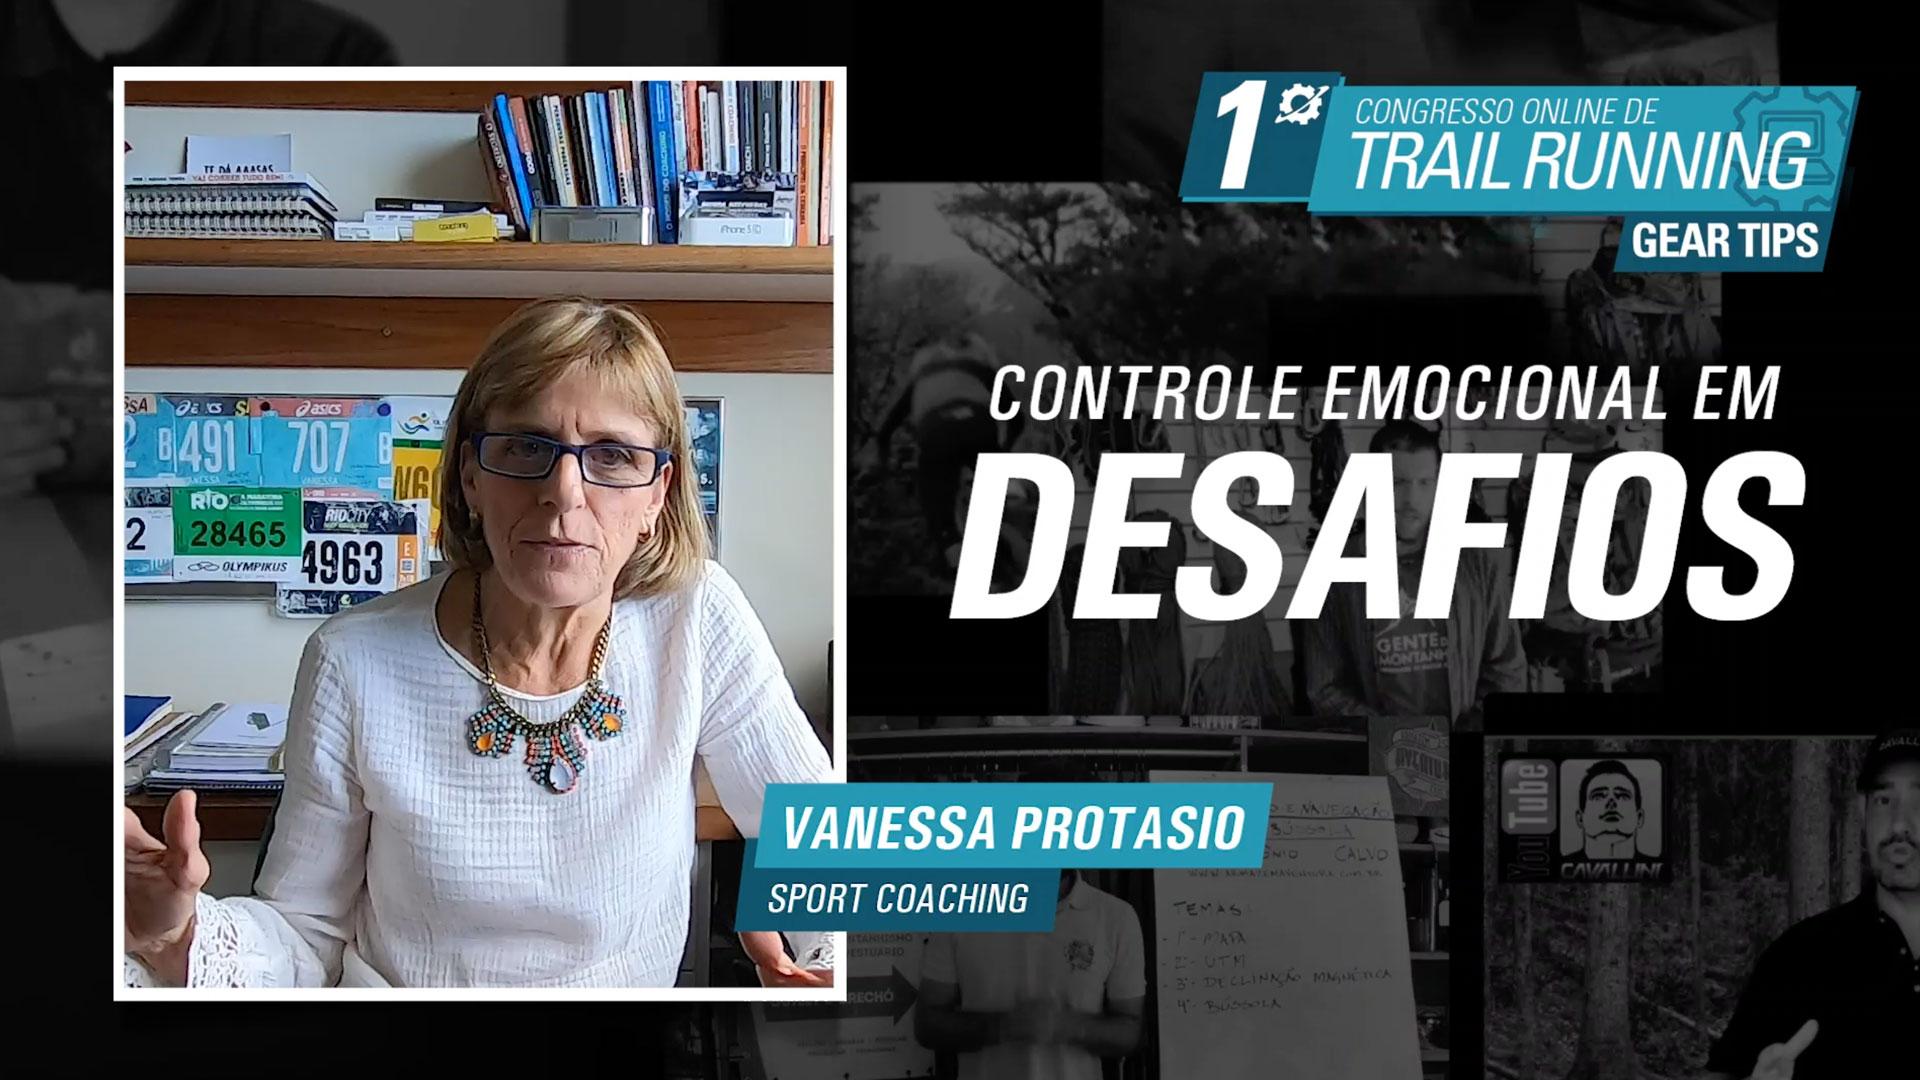 Controle Emocional em Desafios - Vanessa Protasio